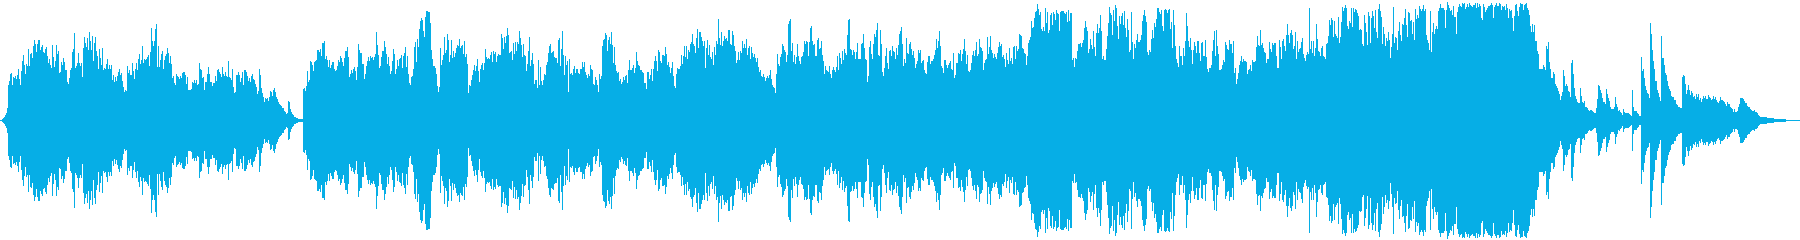 朝ドラ風 オーケストラサウンド  の再生済みの波形